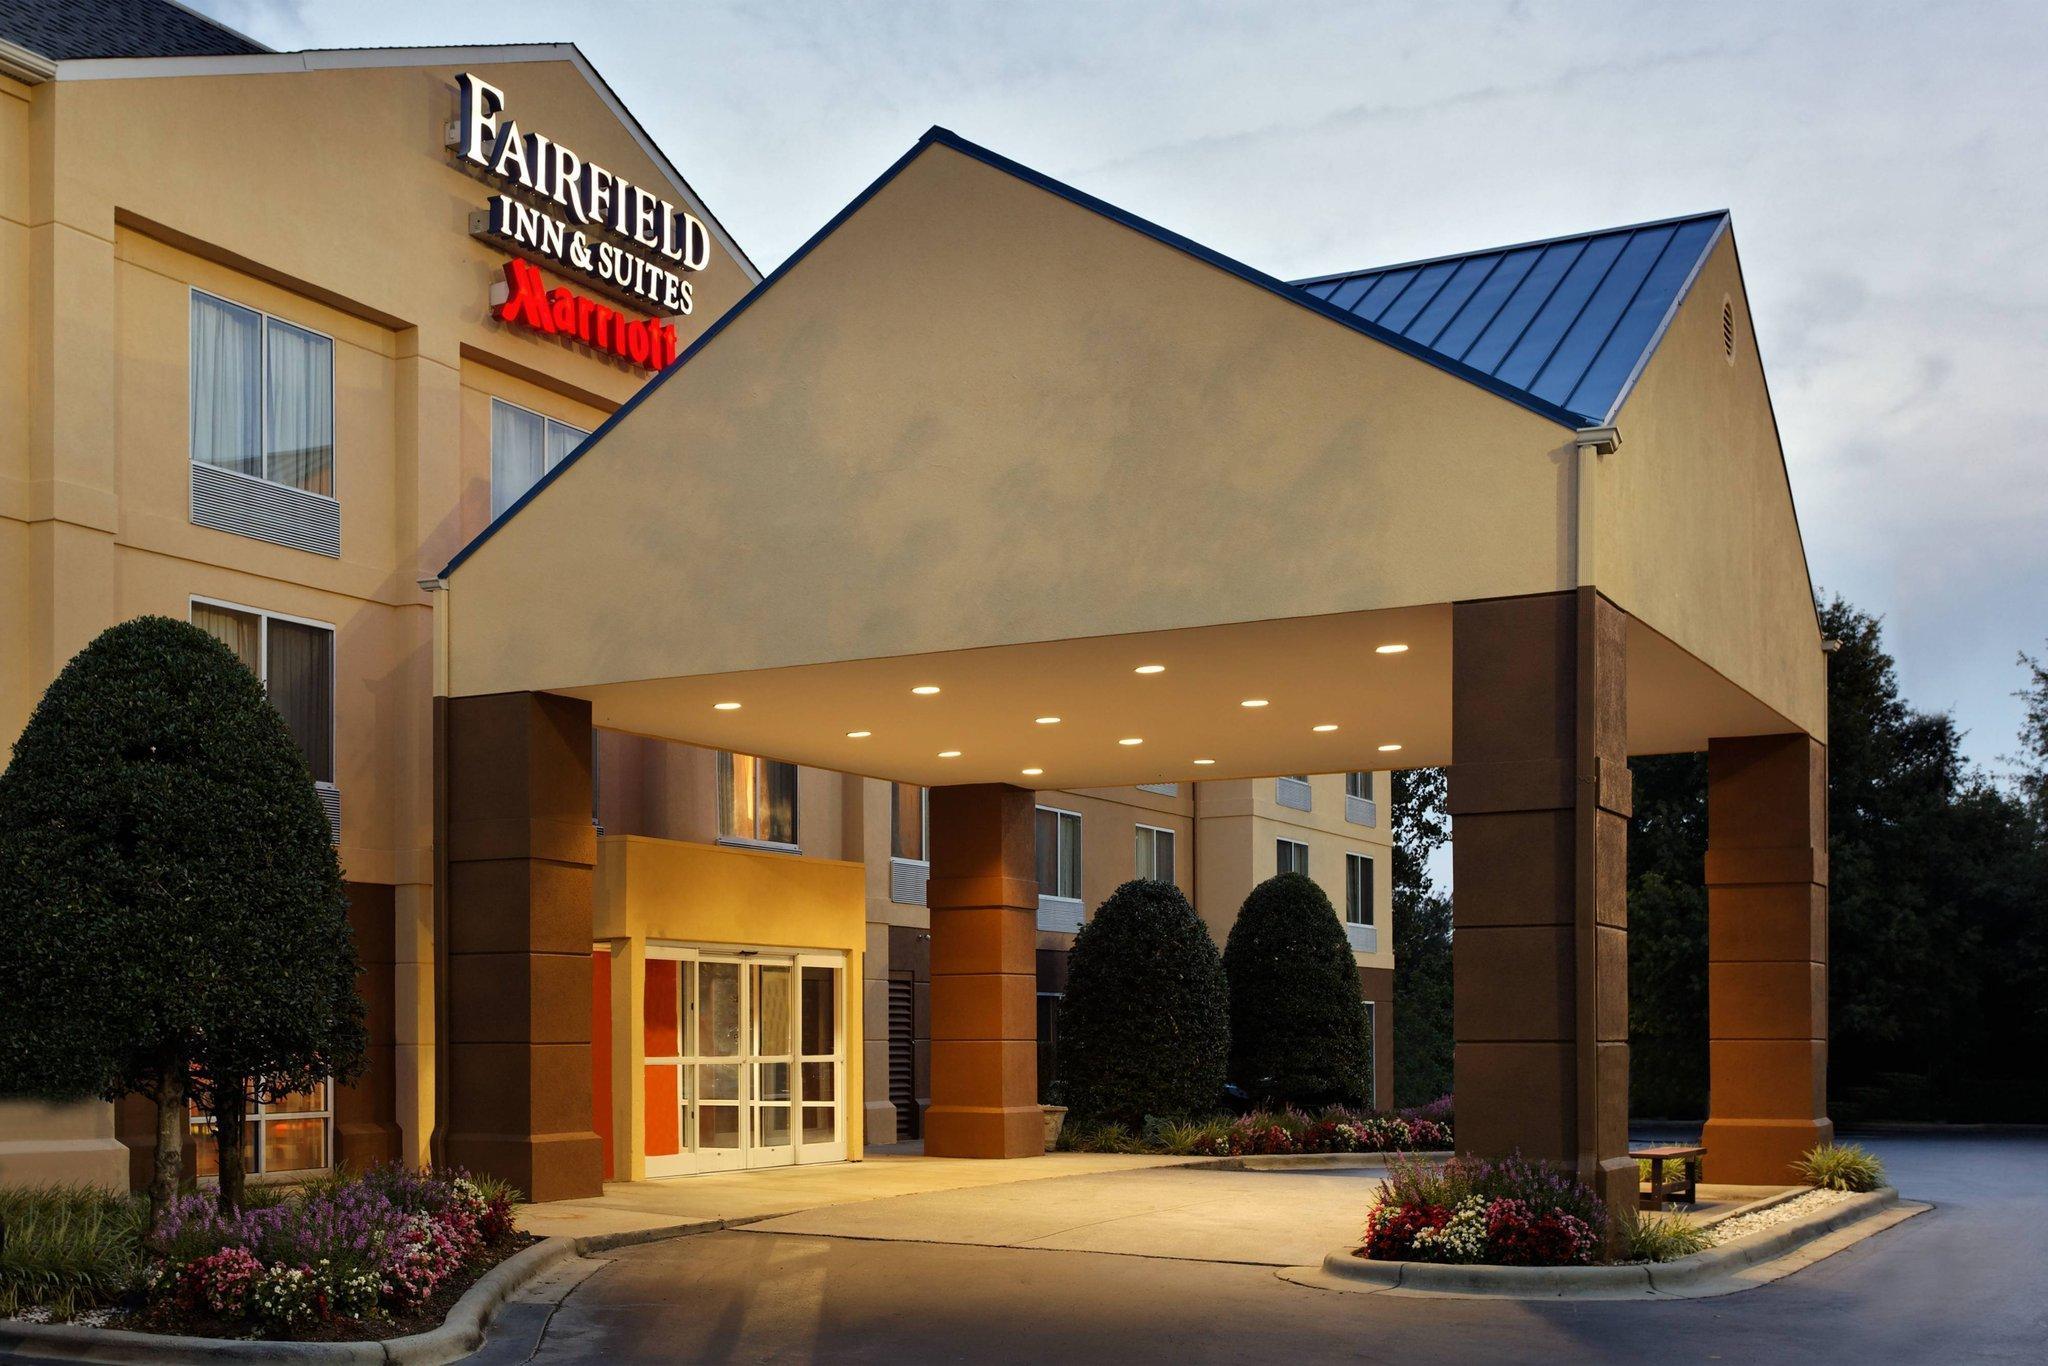 Fairfield Inn And Suites Charlotte Arrowood